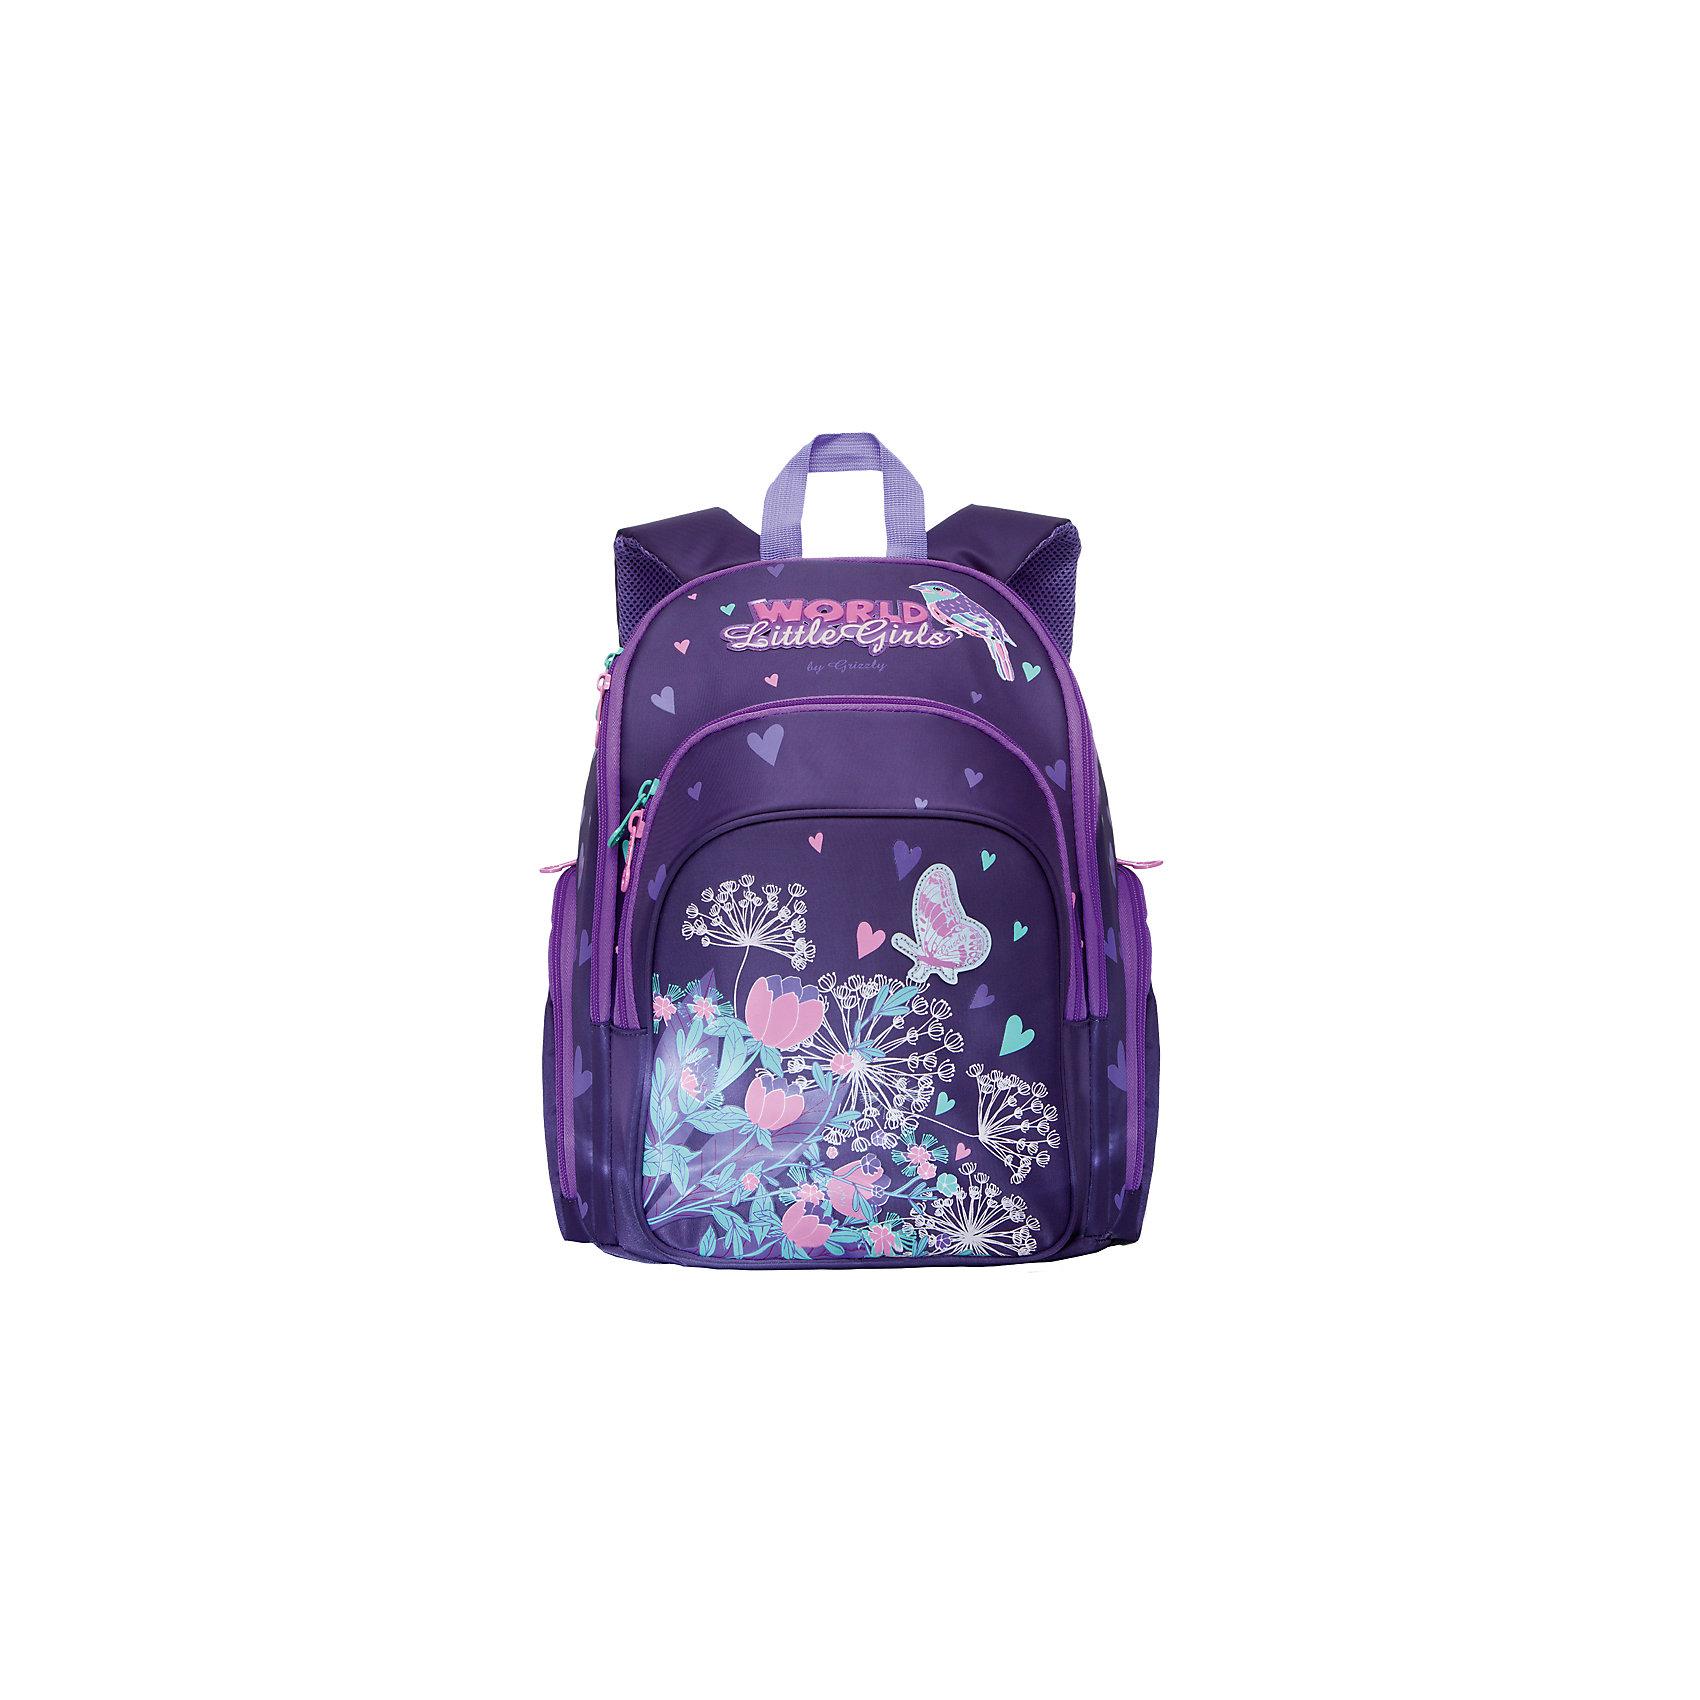 Рюкзак школьный Grizzly, фиолетовыйРюкзаки<br>Рюкзак школьный, два отделения, объемный карман на молнии на передней стенке, объемные боковые карманы на молнии, внутренний карман на молнии, откидное жесткое дно, разделительная перегородка-органайзер, жесткая анатомическая спинка, дополнительная ручка-петля, укрепленные лямки, светоотражающие элементы с четырех сторон<br><br>Ширина мм: 300<br>Глубина мм: 200<br>Высота мм: 360<br>Вес г: 980<br>Возраст от месяцев: 72<br>Возраст до месяцев: 132<br>Пол: Женский<br>Возраст: Детский<br>SKU: 6939845